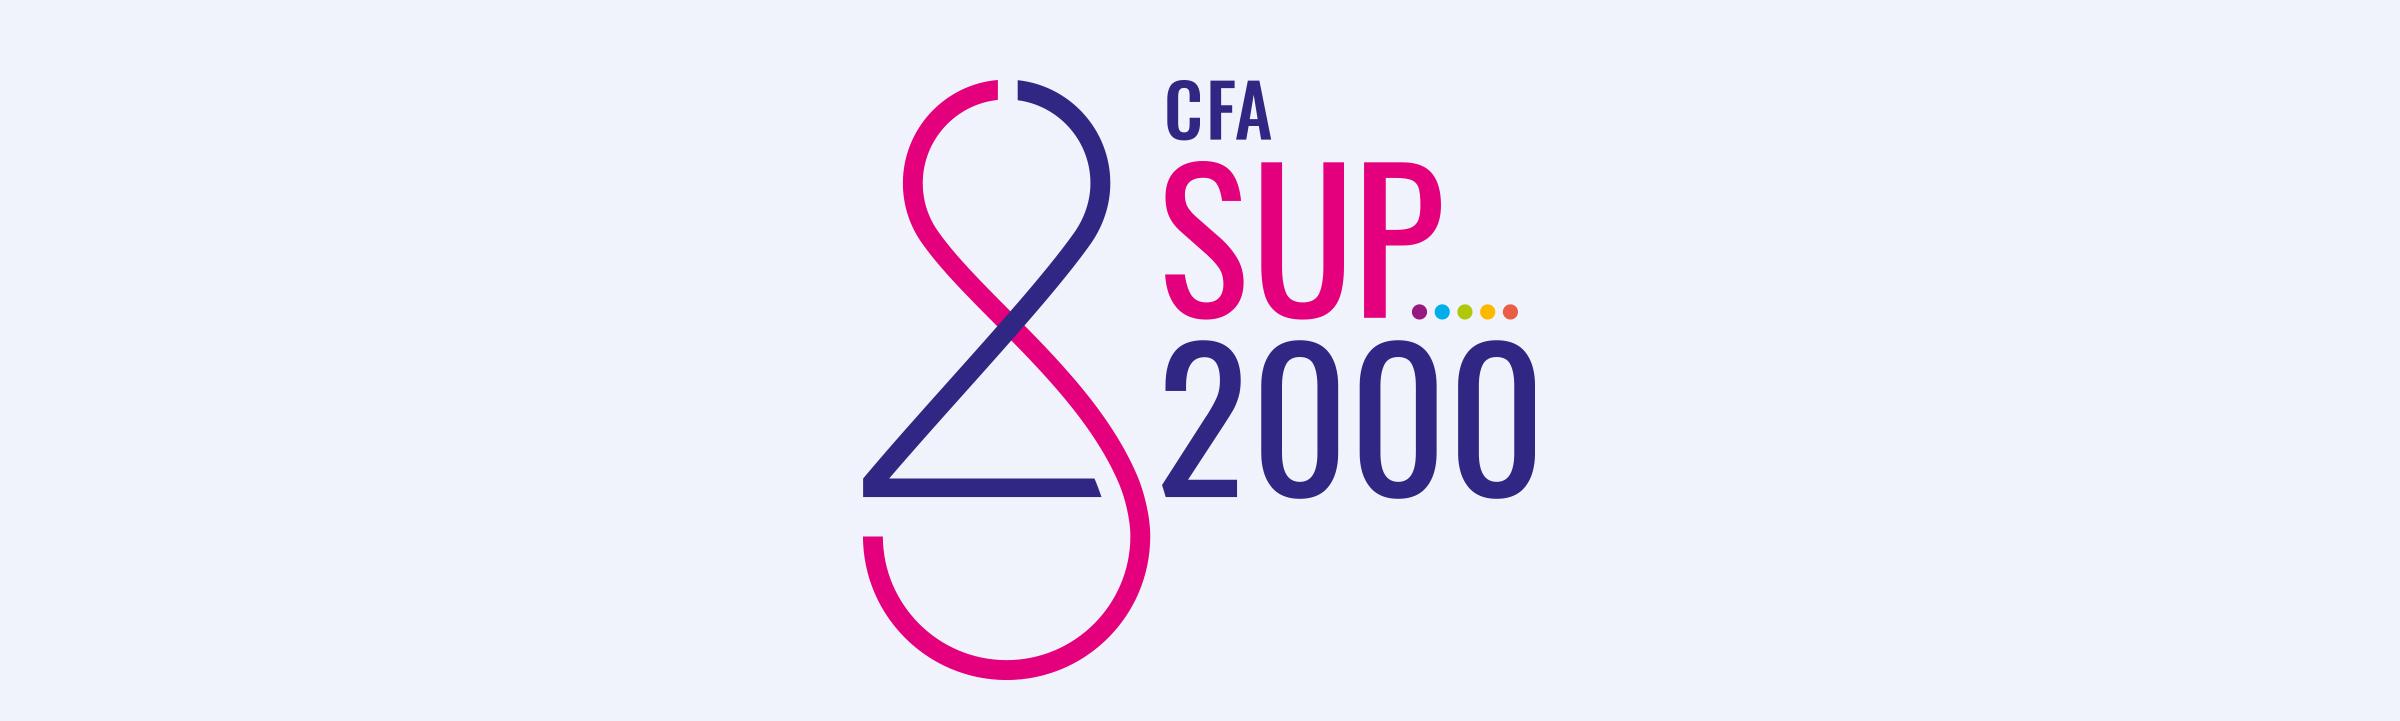 01_CFASUP2000_LOGO